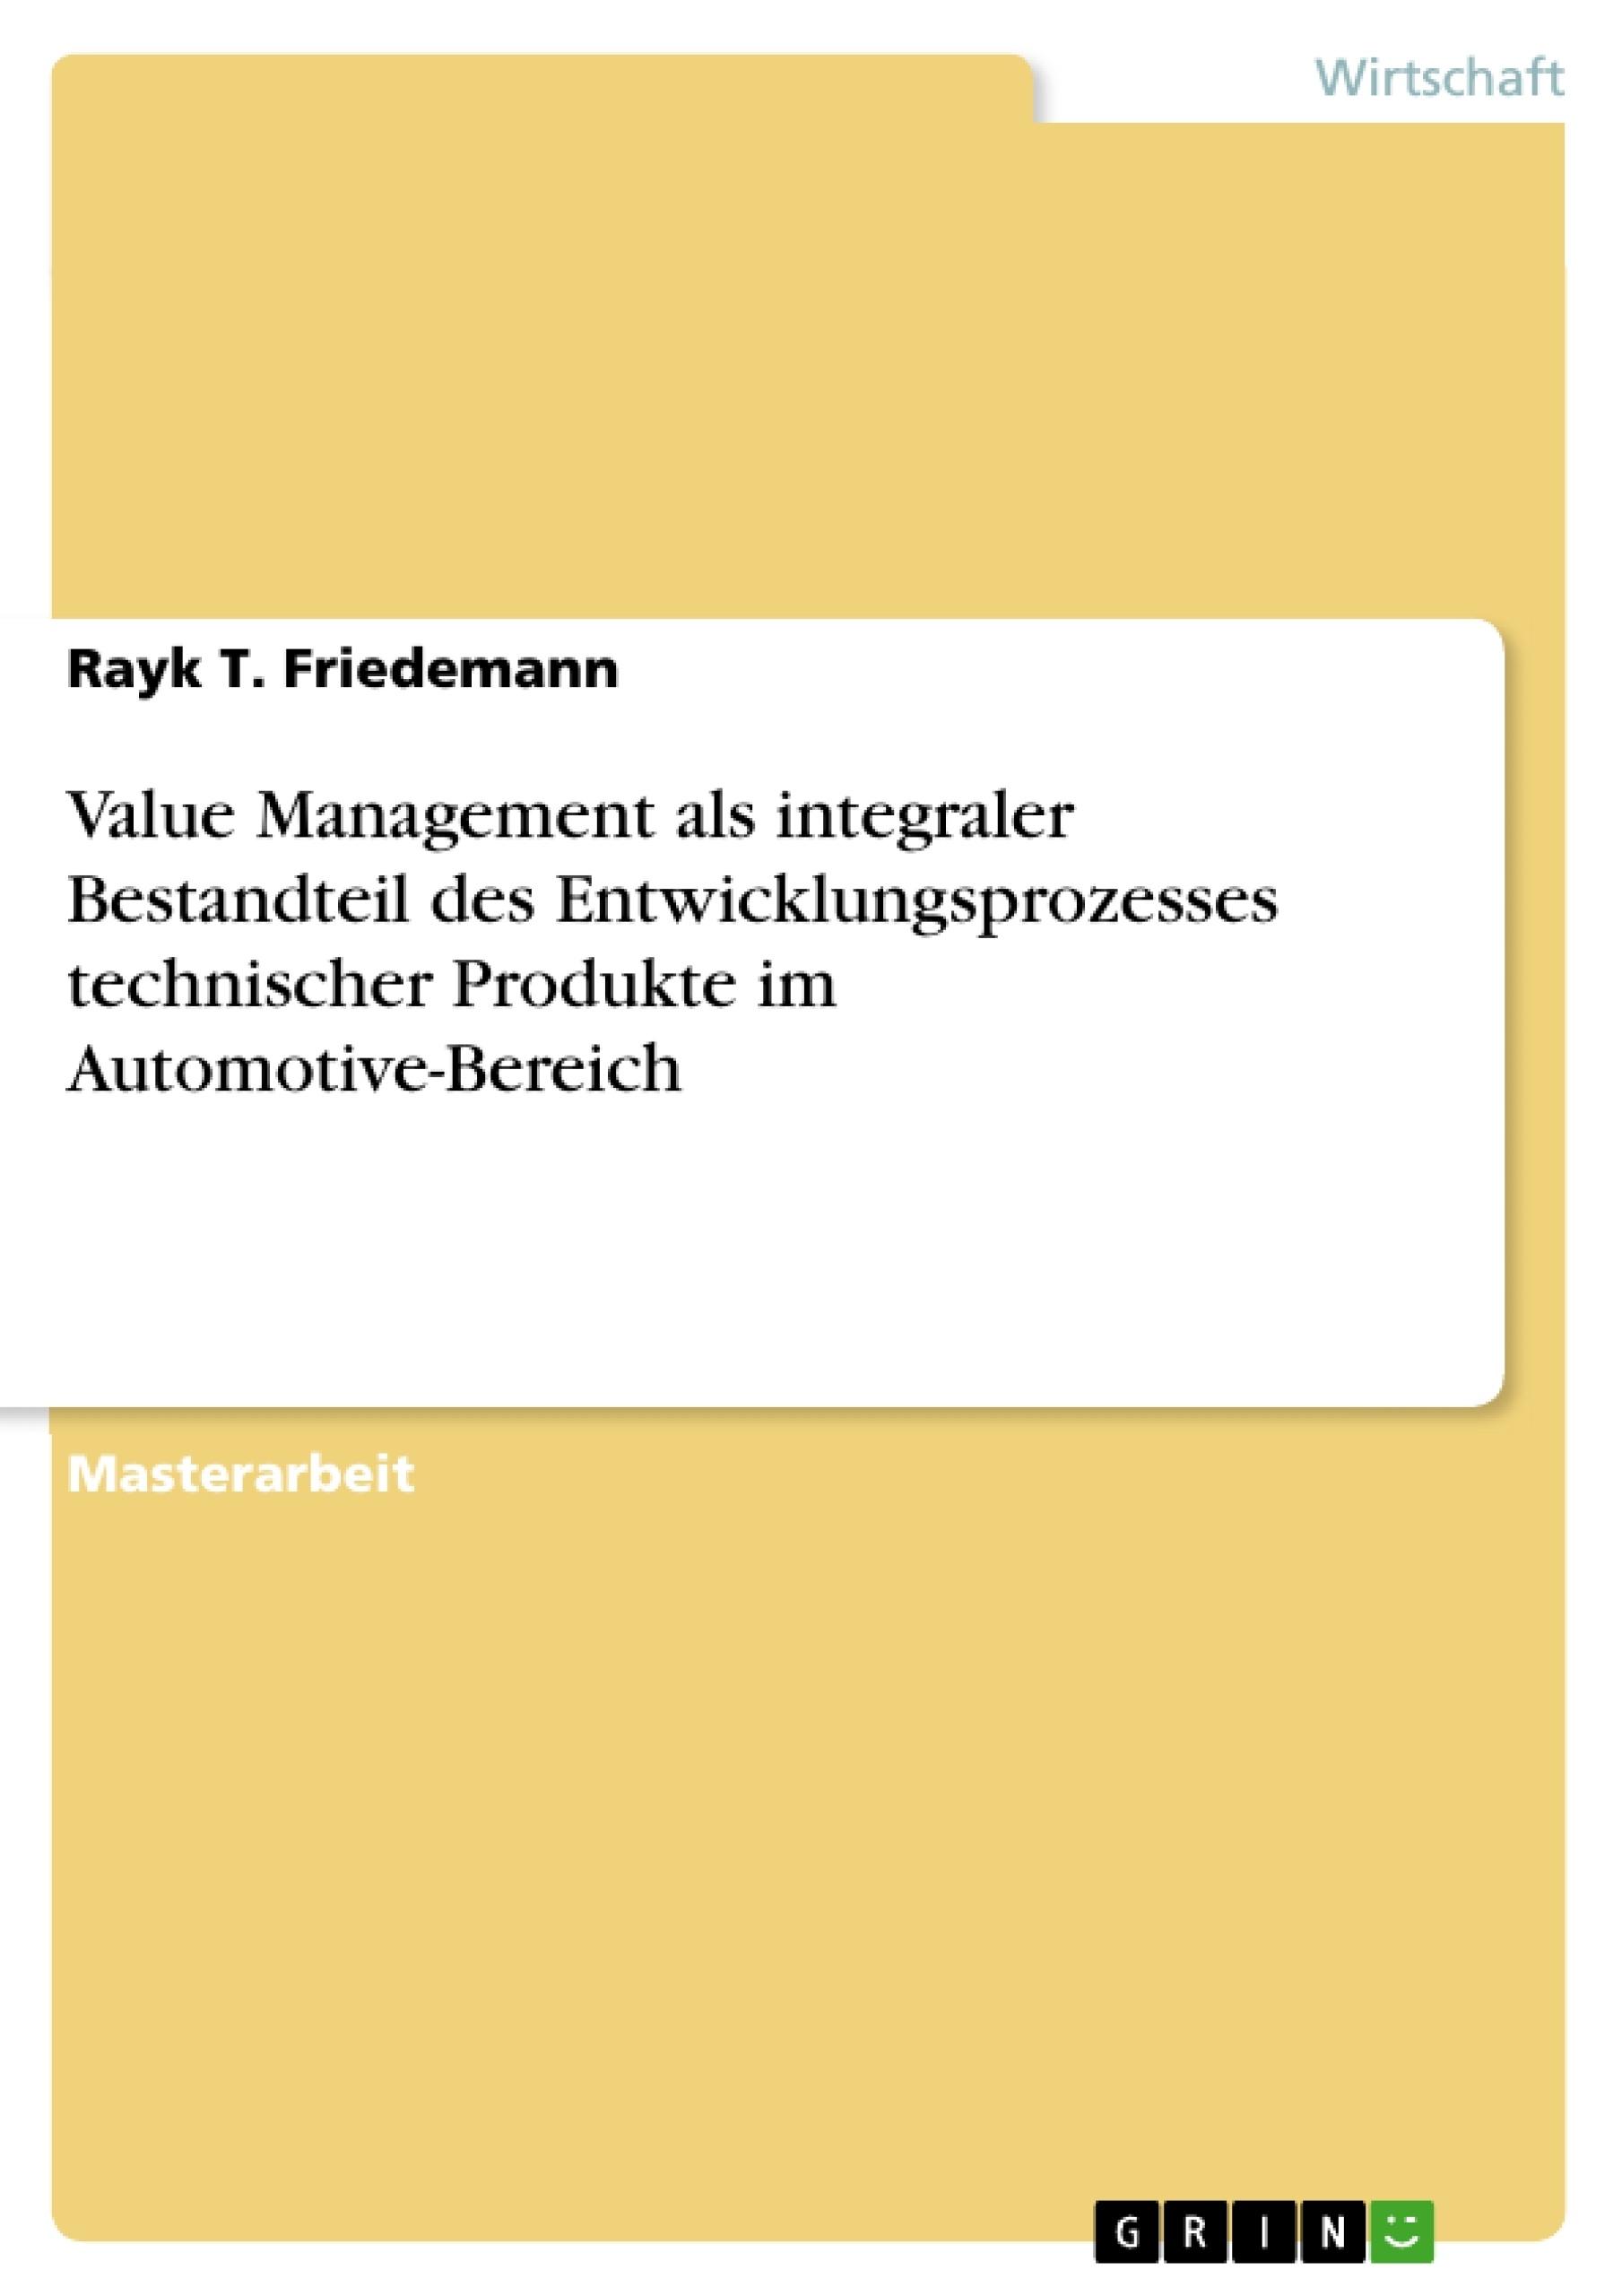 Titel: Value Management als integraler Bestandteil des Entwicklungsprozesses technischer Produkte im Automotive-Bereich